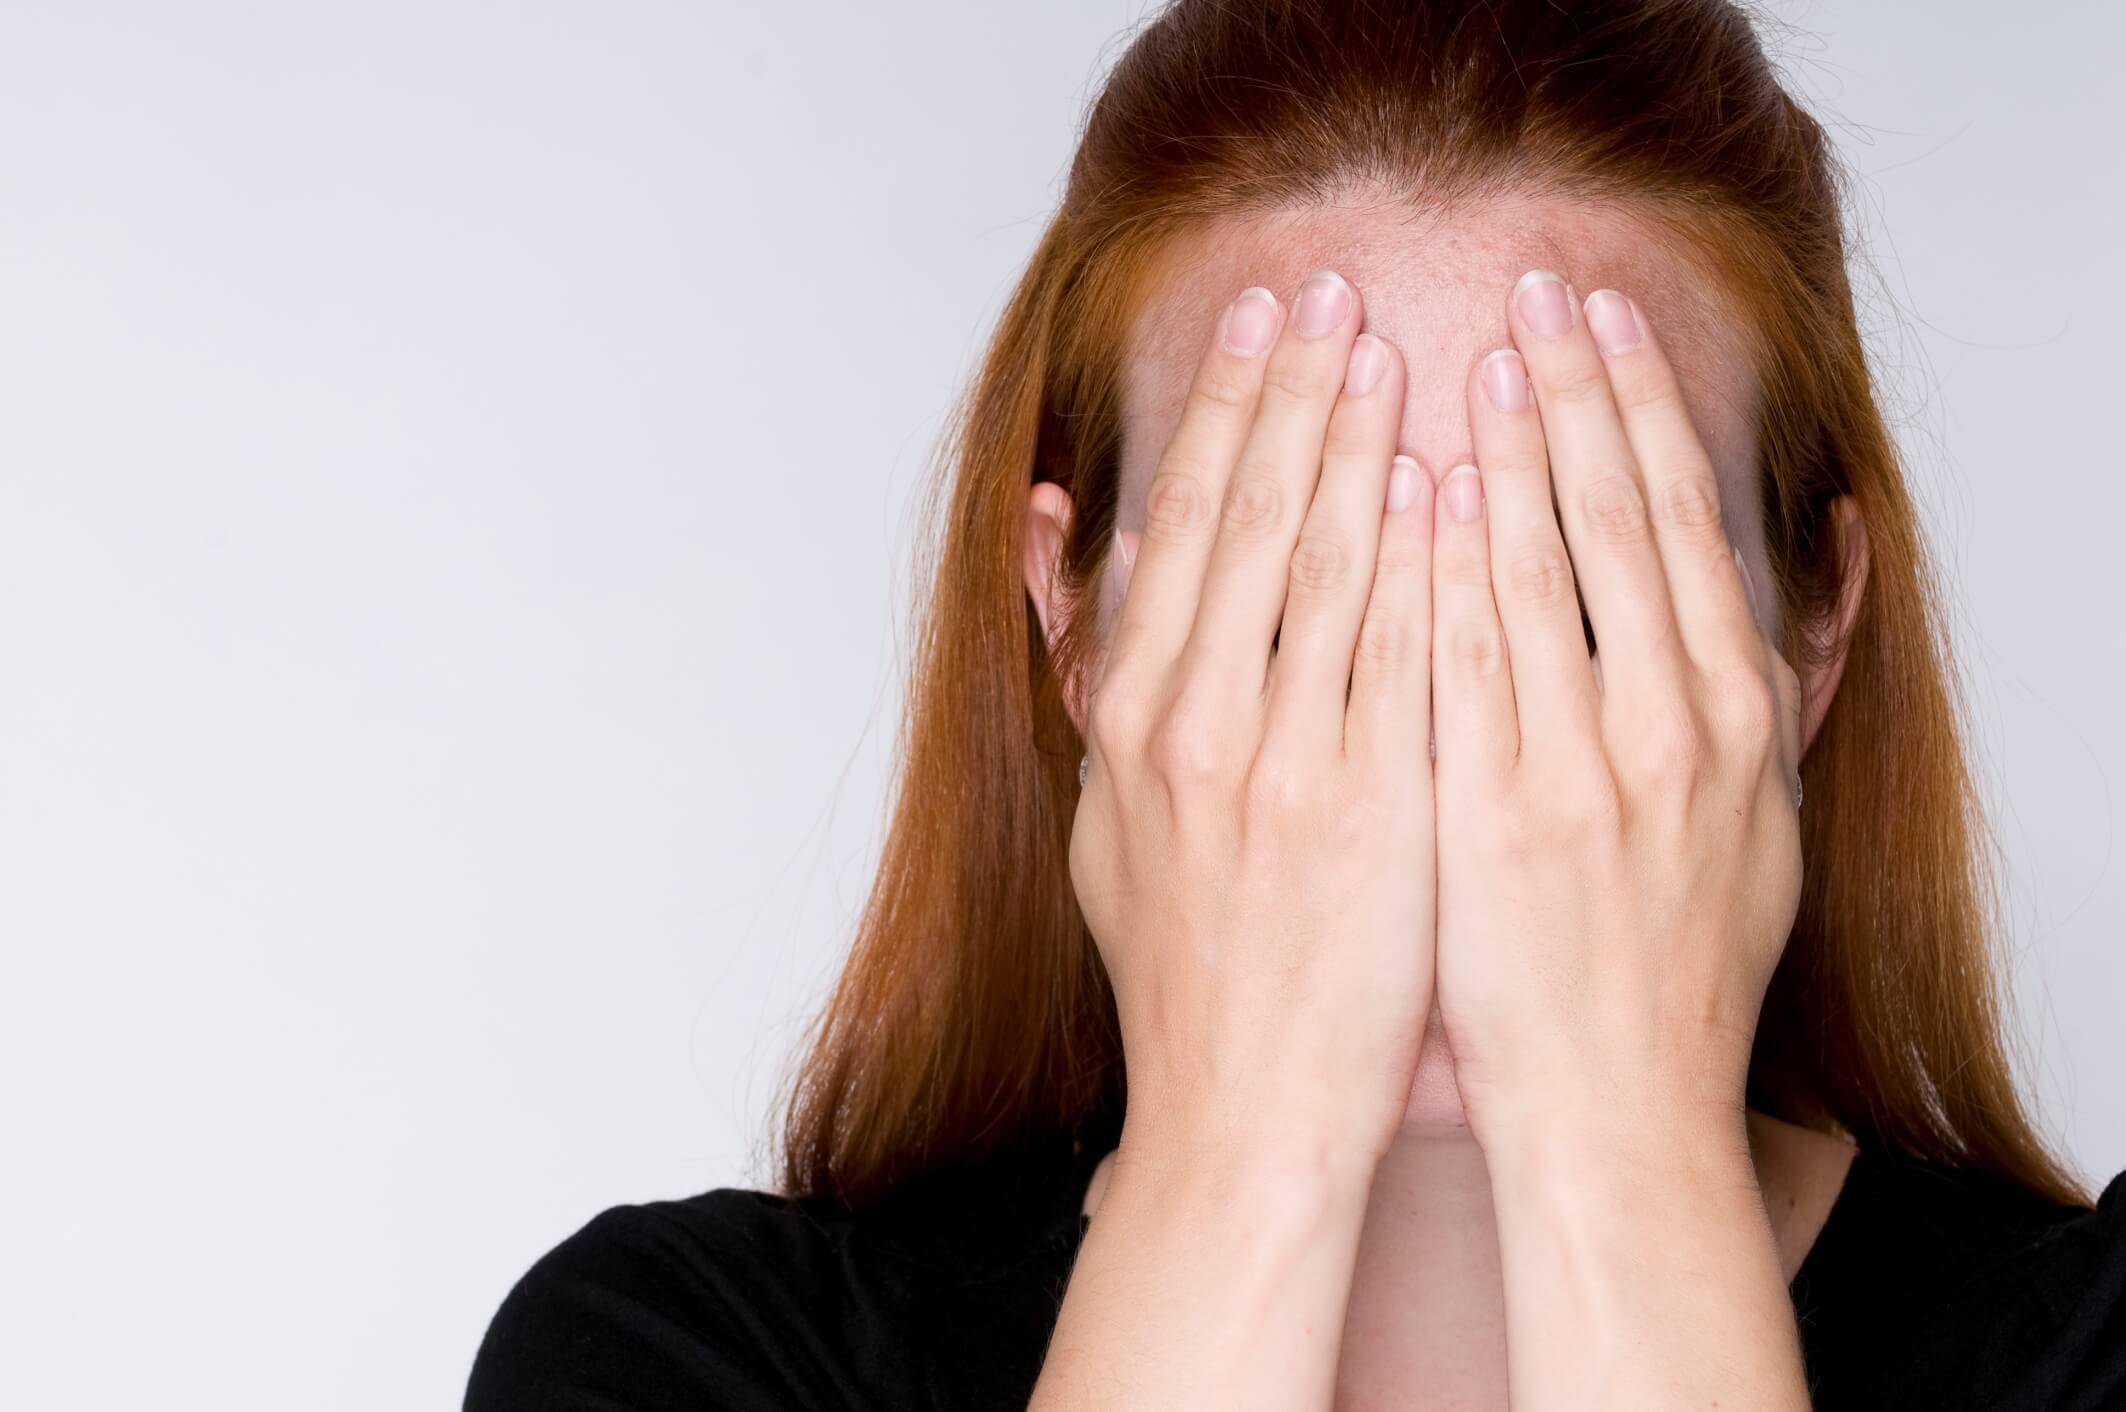 Золотистий та епідермальний стафілокок на обличчі: лікування і висип у дитини